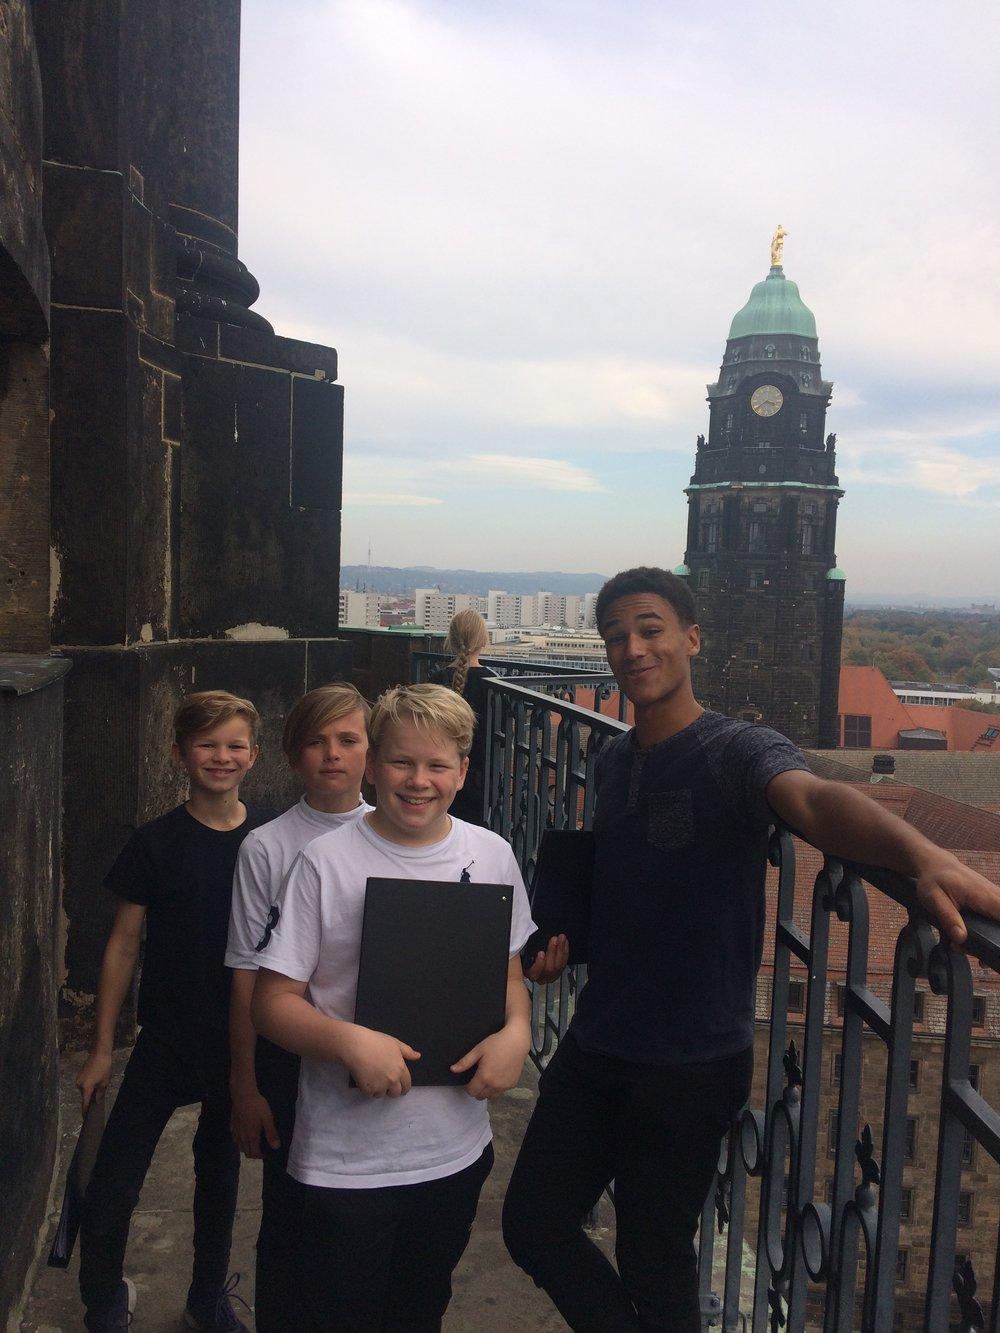 Vi klarede turen op til tårnet!